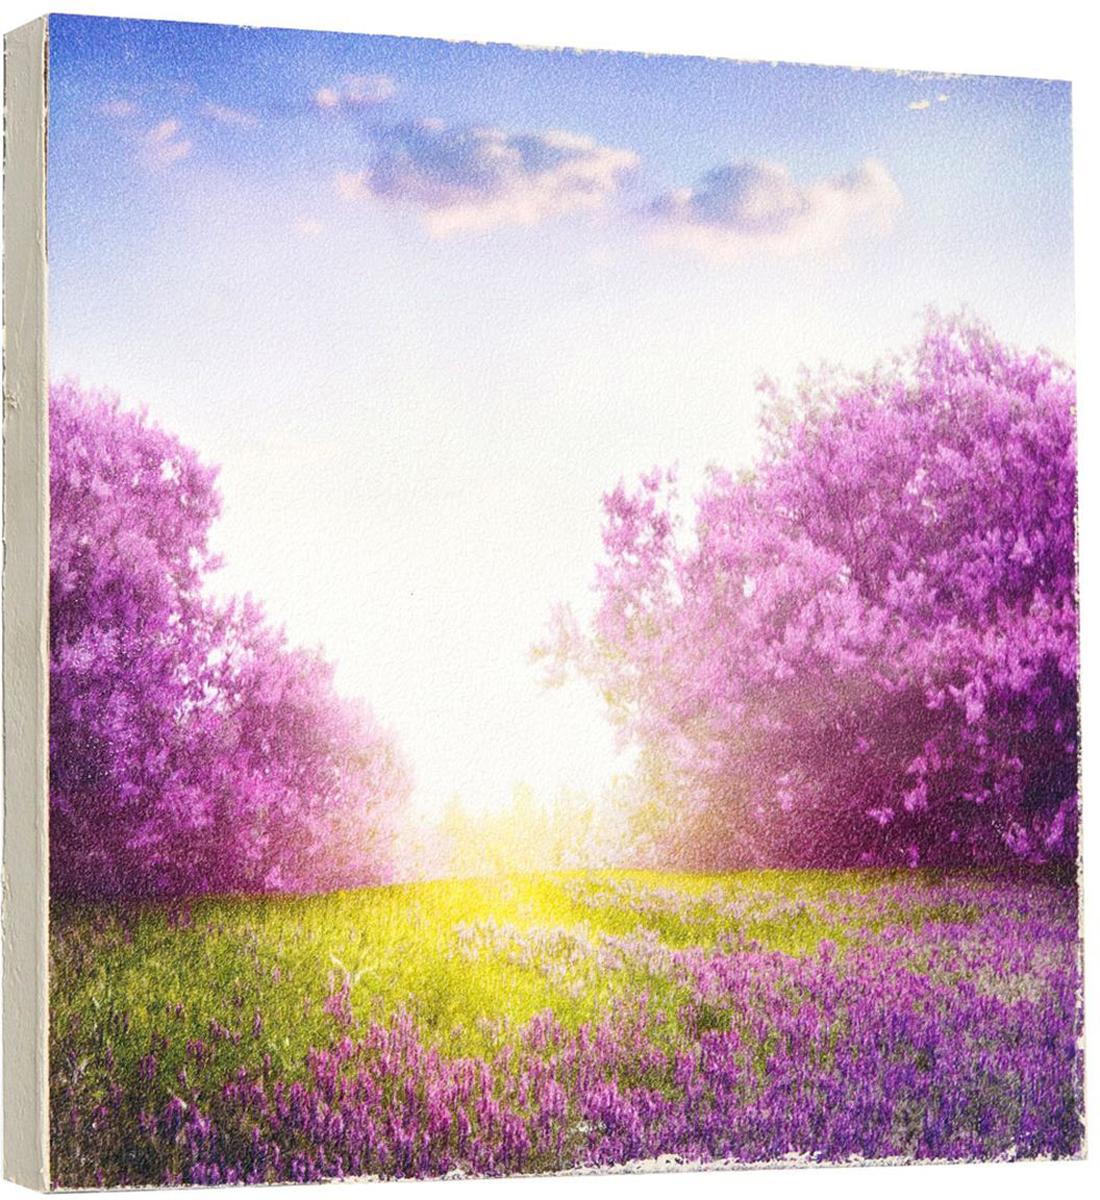 Картина Mister Poster Цветочные сады в солнечных лучах, 22 х 22 см0289-22-22Картина Mister Poster - это высококачественная репродукция на деревянной раме. Лицевая поверхность имитирует штукатурку или натуральный холст, края окрашены вручную специальным декоративным составом.Современные технологии, уникальное оборудование и оригинальные чернила, используемые при изготовлении, делают постер устойчивым к выцветанию, а также гарантируют стойкость к воздействию негативных внешних факторов. Интерьер дома и офиса, в котором находится человек, в значительной степени влияет на его настроение и работоспособность. Правильное оформление интерьера создает благоприятный психологический климат, улучшает настроение и мотивирует. Добавьте «красок» в ваш интерьер и, возможно, в вашу жизнь.